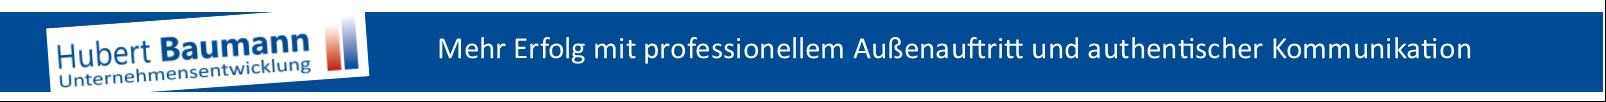 Unternehmensberatung für Unternehmensentwicklung, -führung, Strategie, Außenauftritt, Kommunikation und Vertrieb, Aschaffenburg, Wien